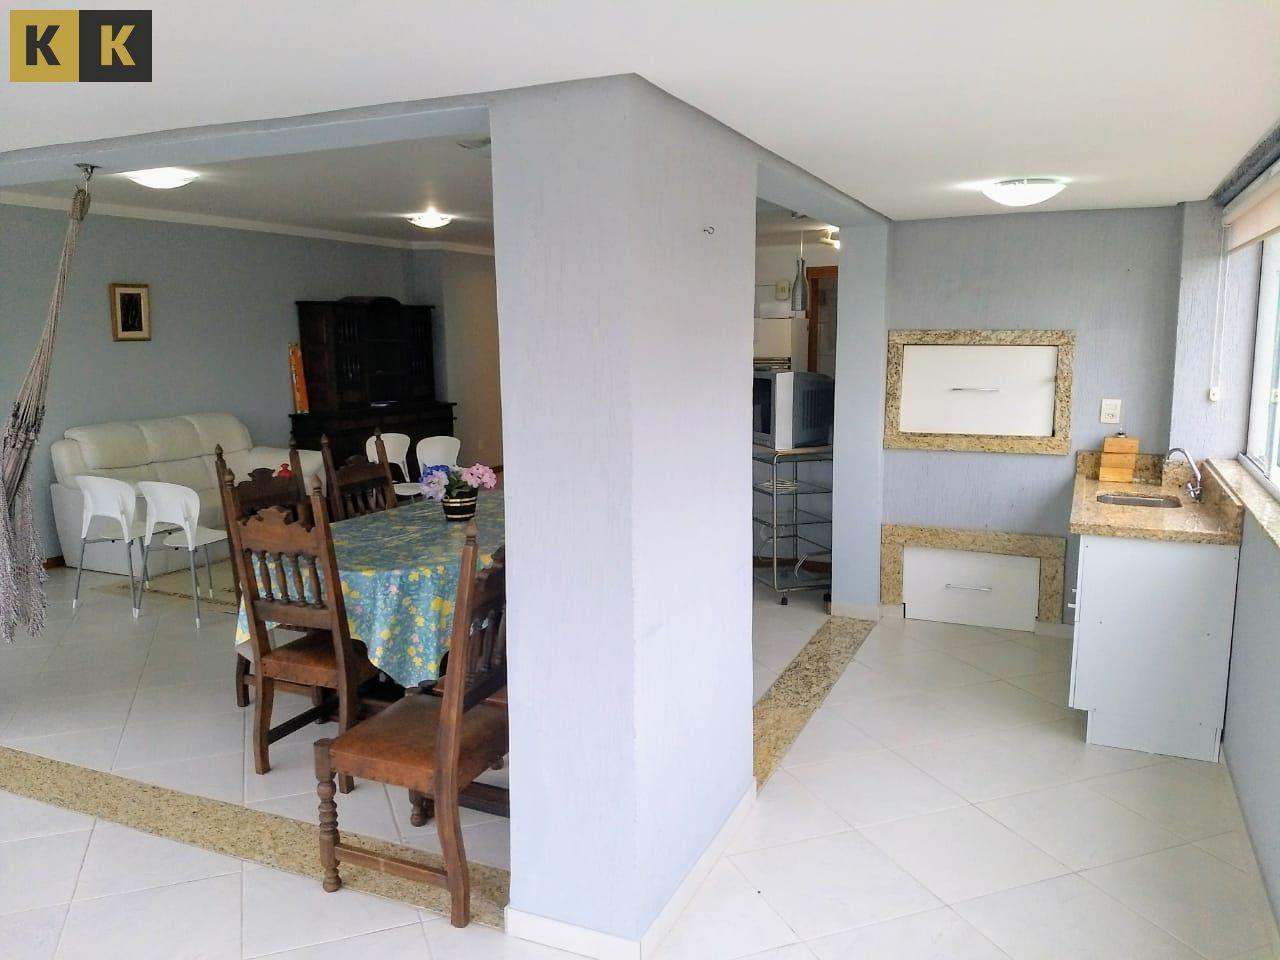 Apartamento com 3 Dormitórios à venda, 127 m² por R$ 725.000,00